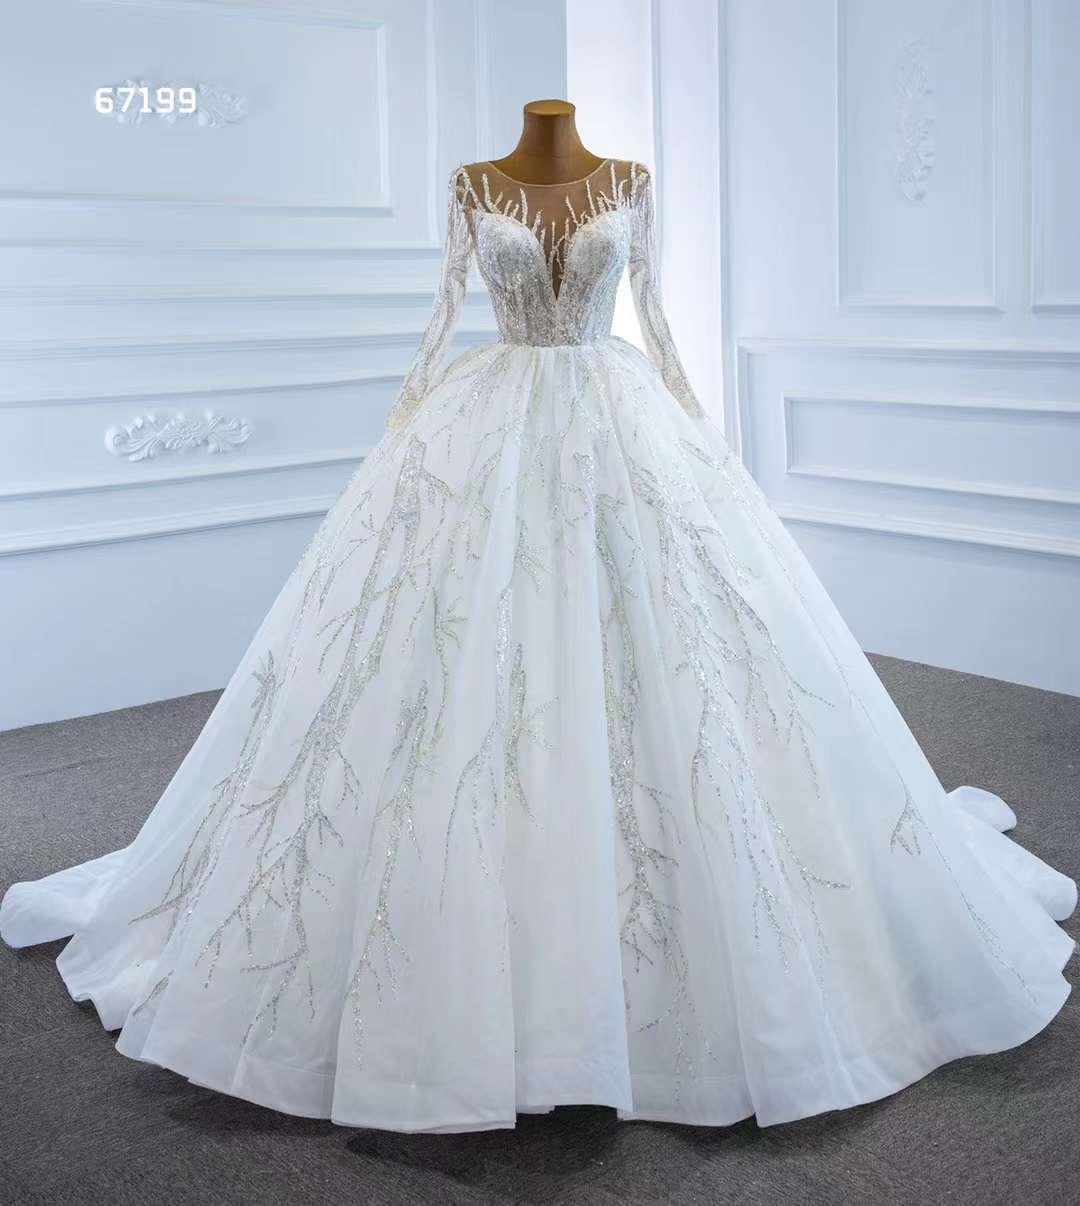 AOLIWEIYA الكرة ثوب مضيئة كم الوهم العنق صدفي طول الكلمة فستان زفاف للنساء